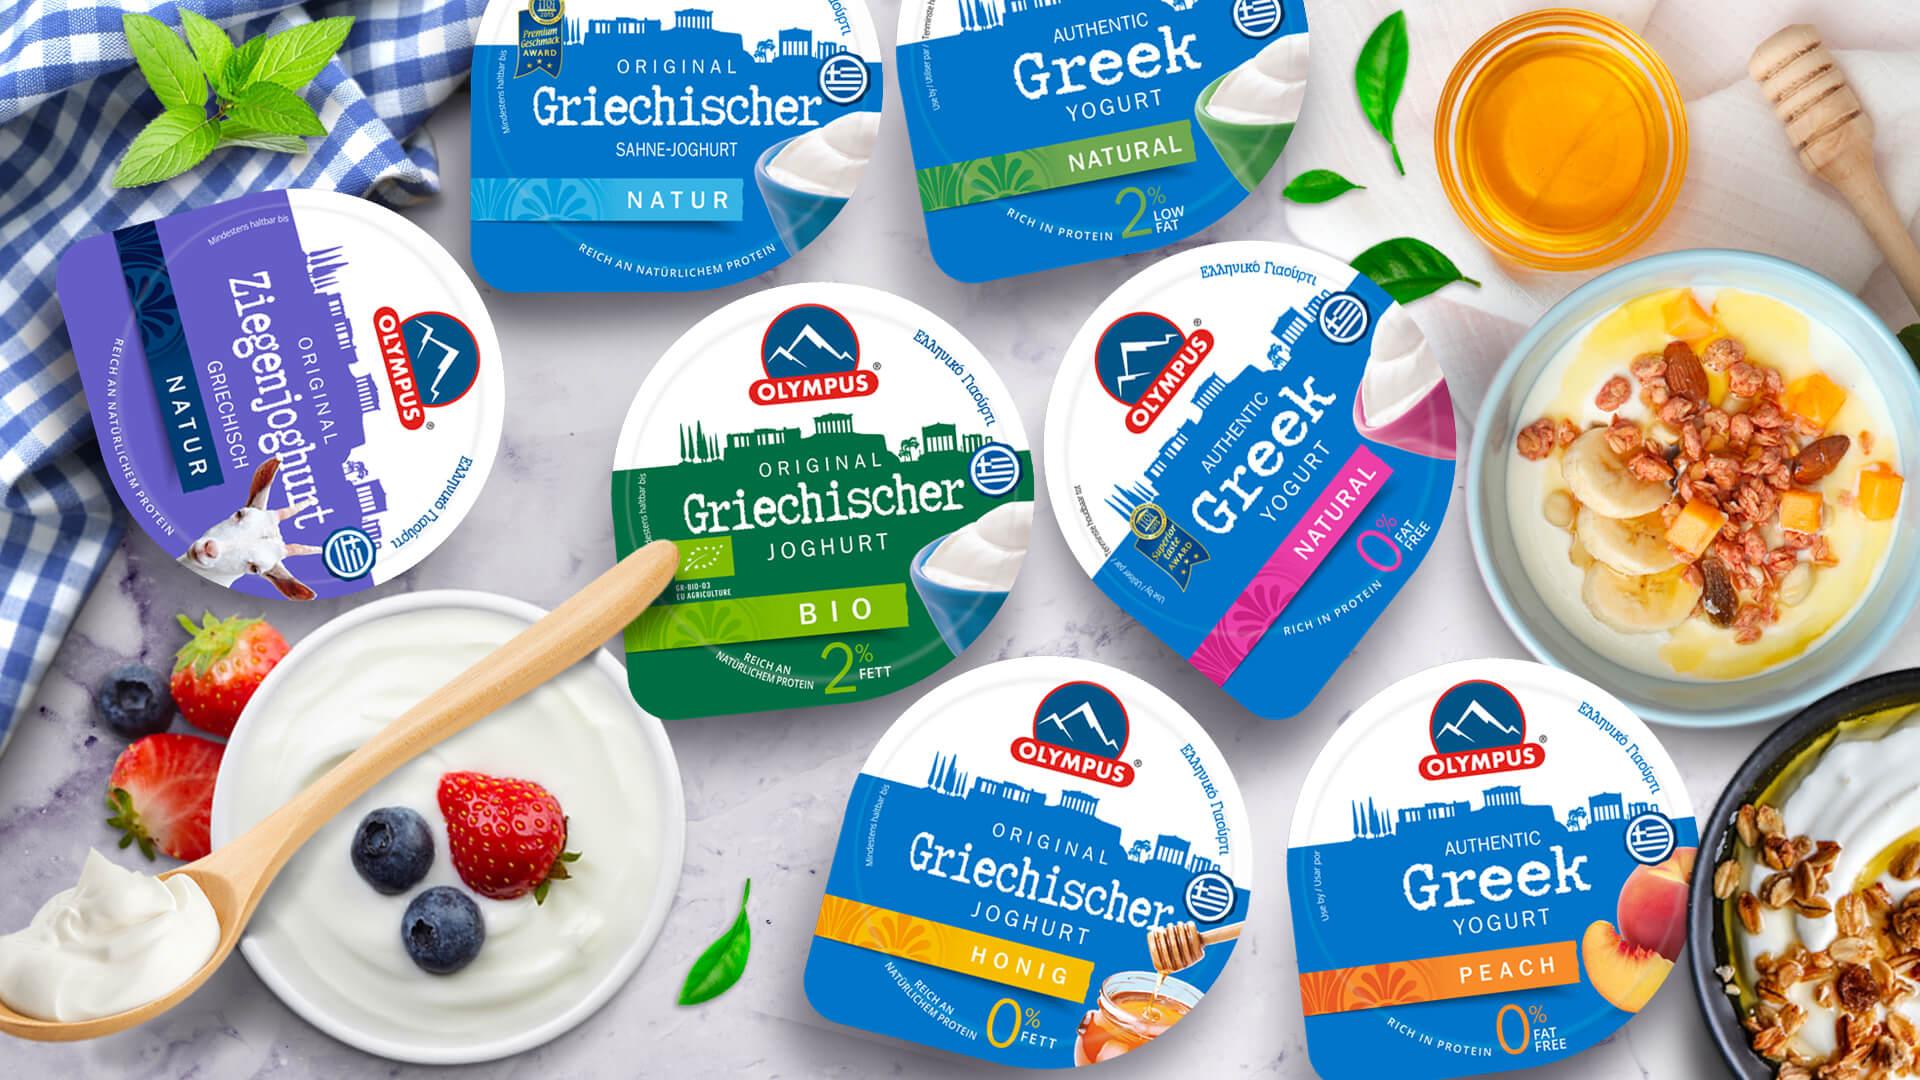 Image Joghurt